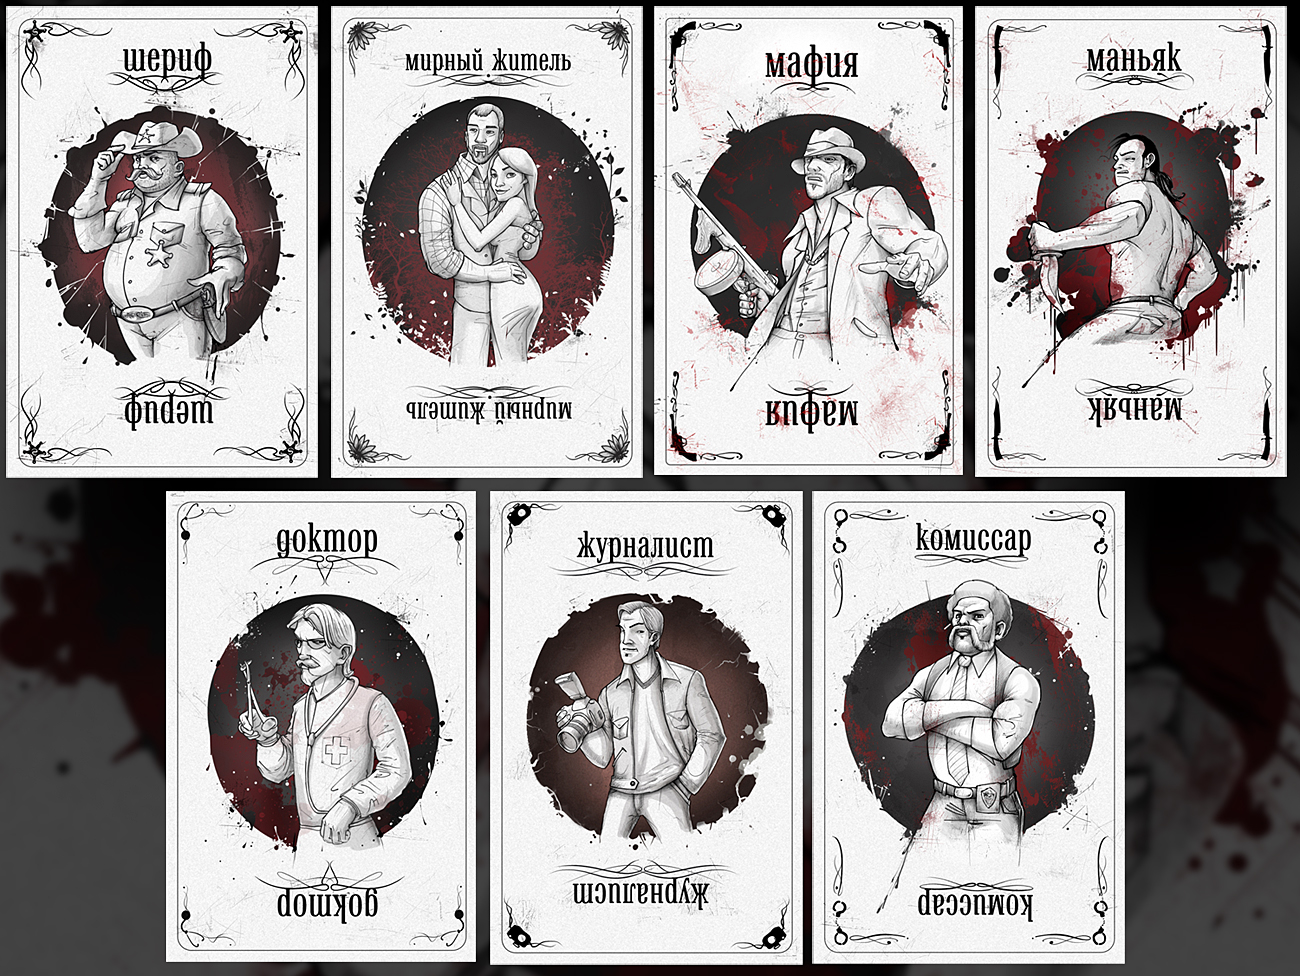 мафию играть карты в в бесплатно онлайн